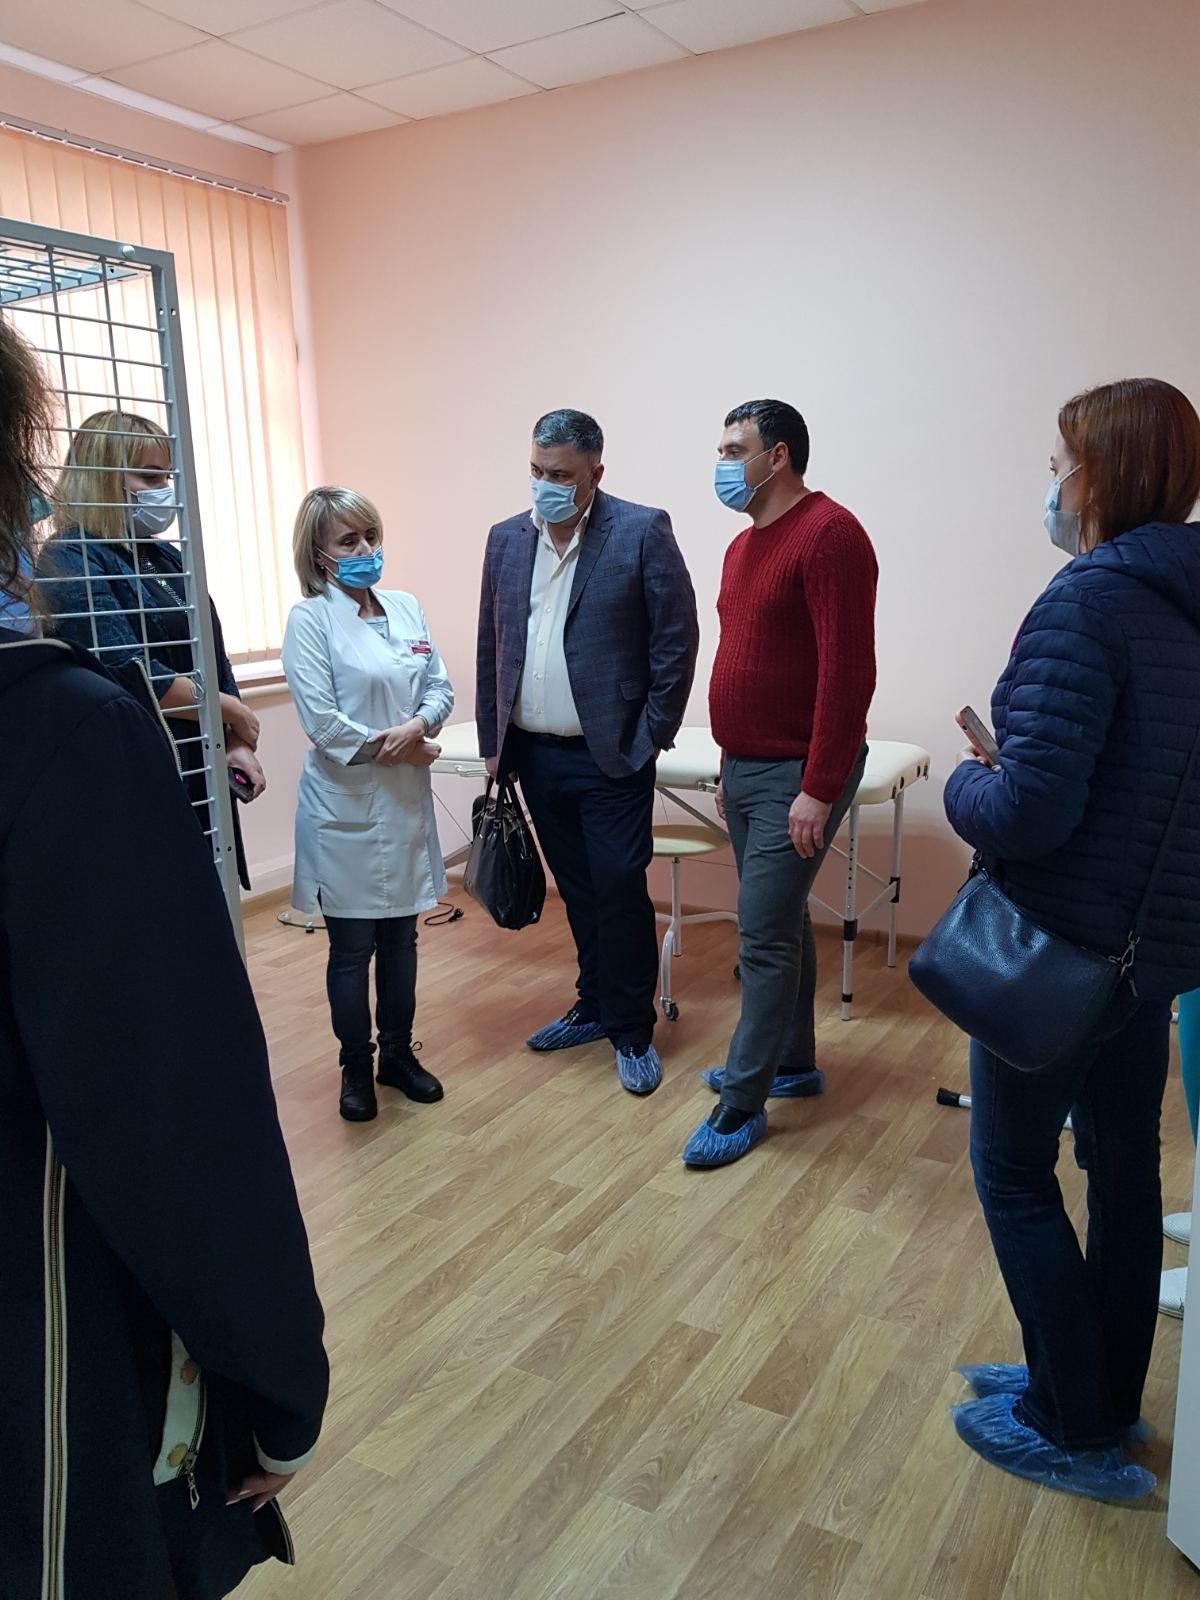 Бердянский центр реабилитации передает опыт коллегам из Энергодара, фото-1